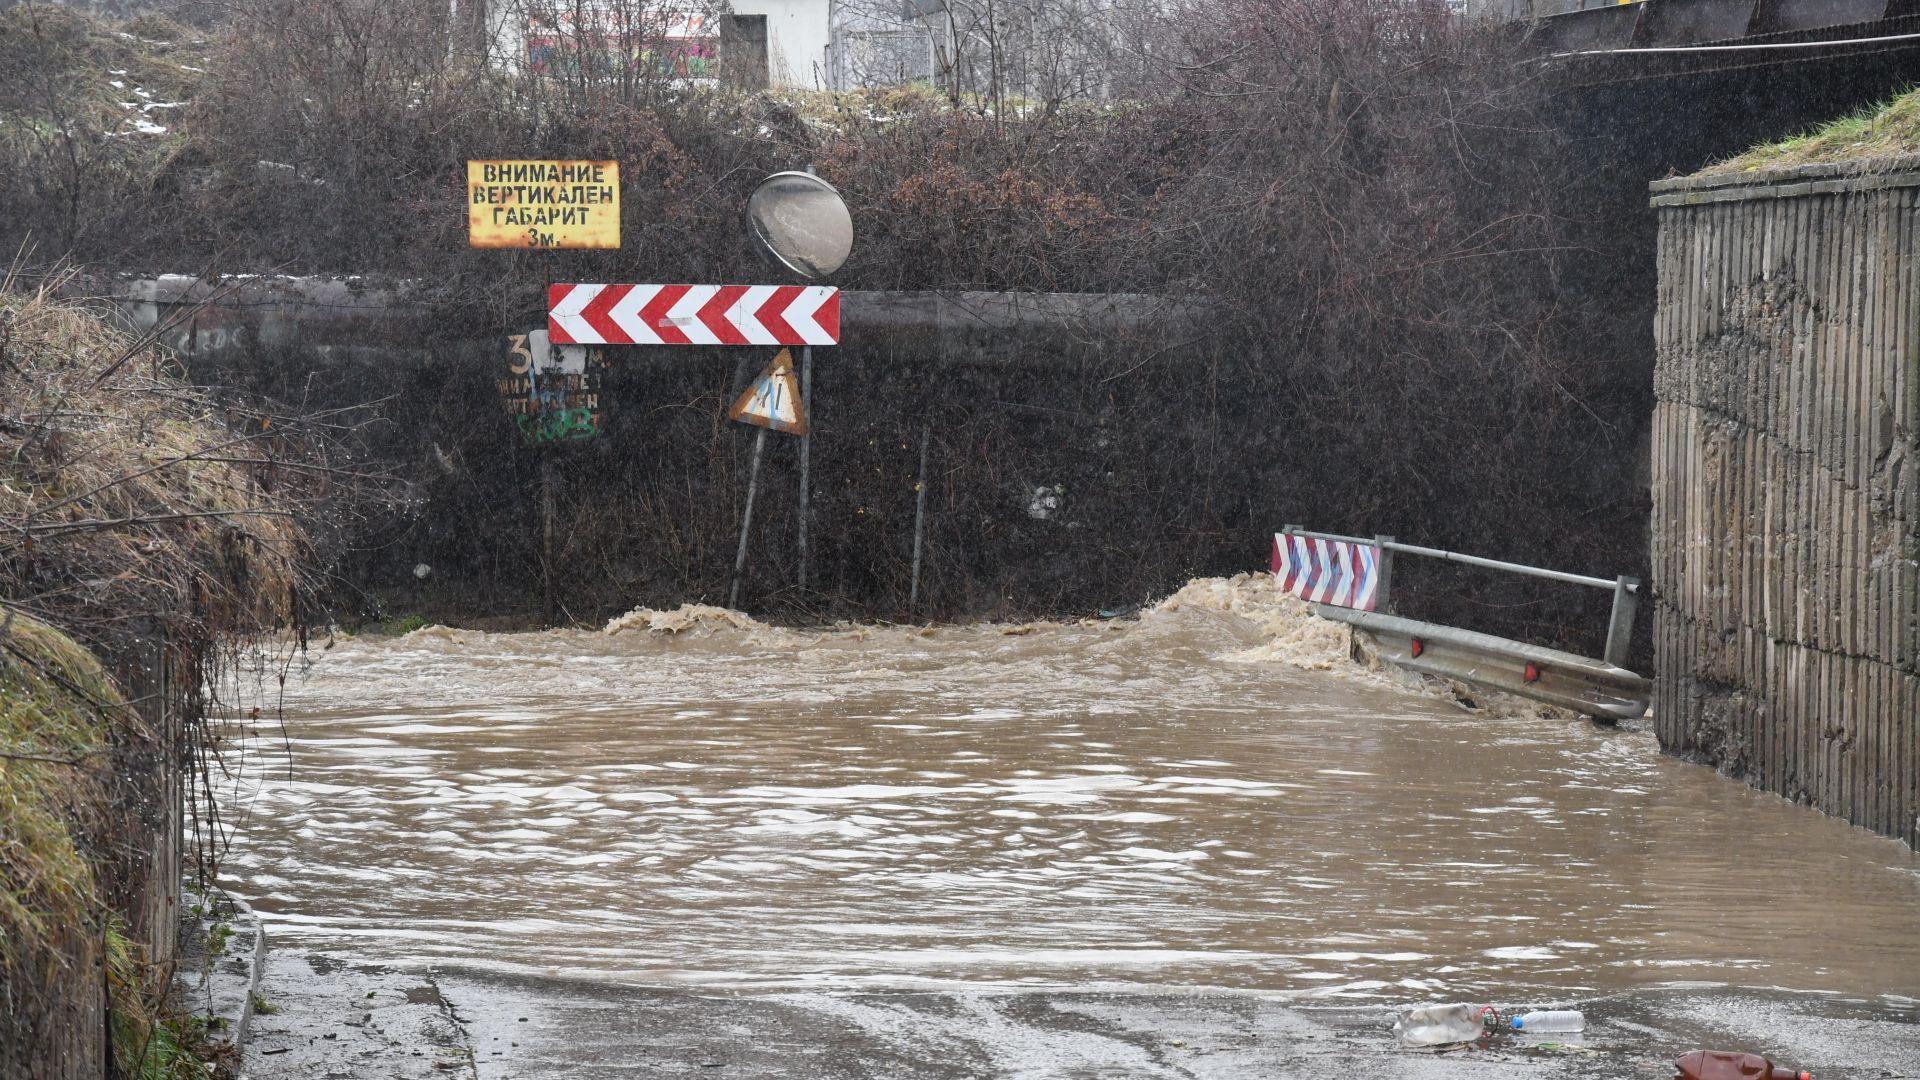 След потопа: Най-тежко е в Западна България, обявиха частично бедствено положение на още 6 места (обновена)